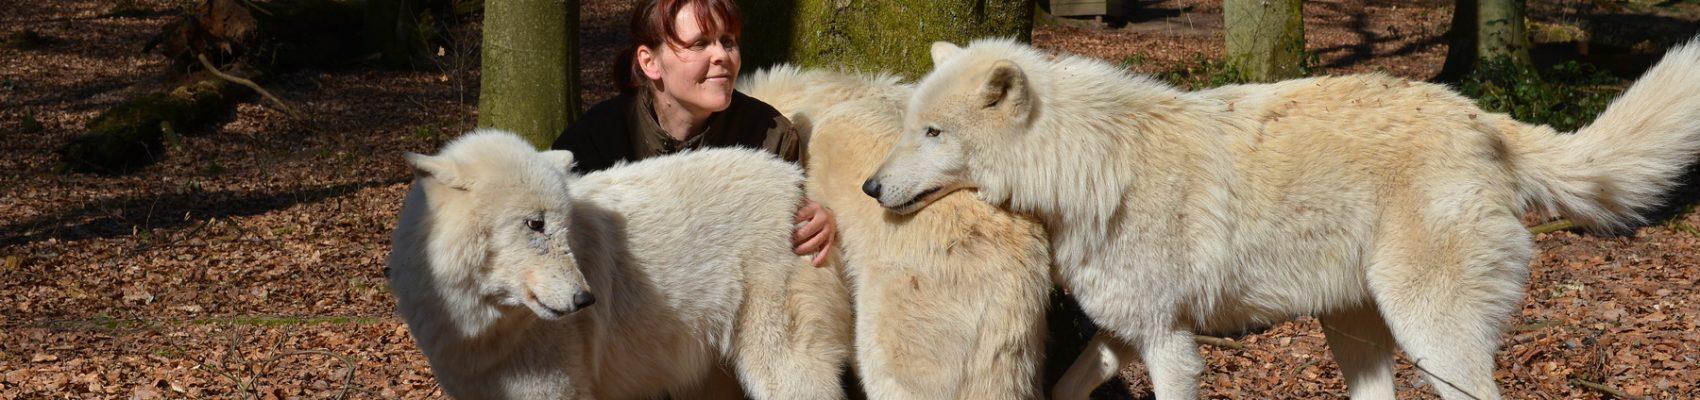 Tatjana Schneider mit Wölfen im Wolfspark Werner Freund